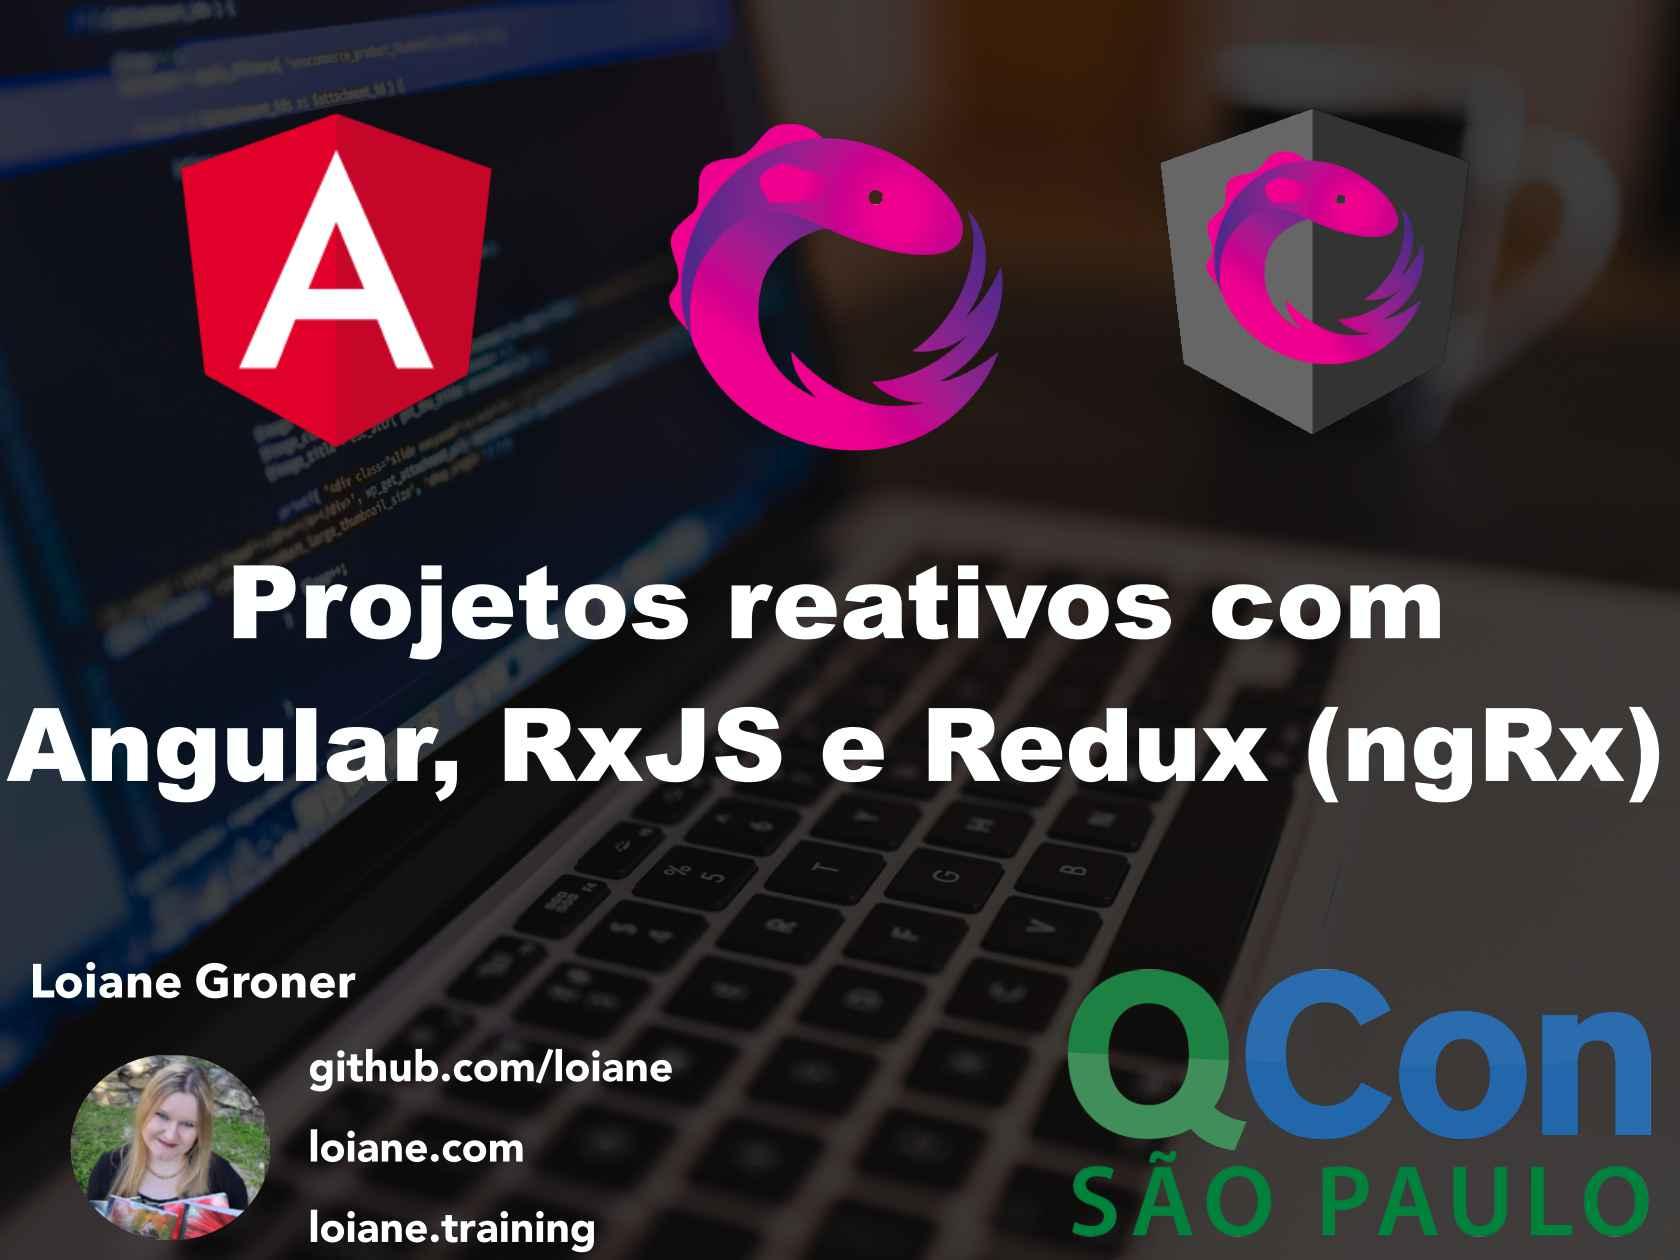 Projetos reativos com Angular 2, RxJS e Redux